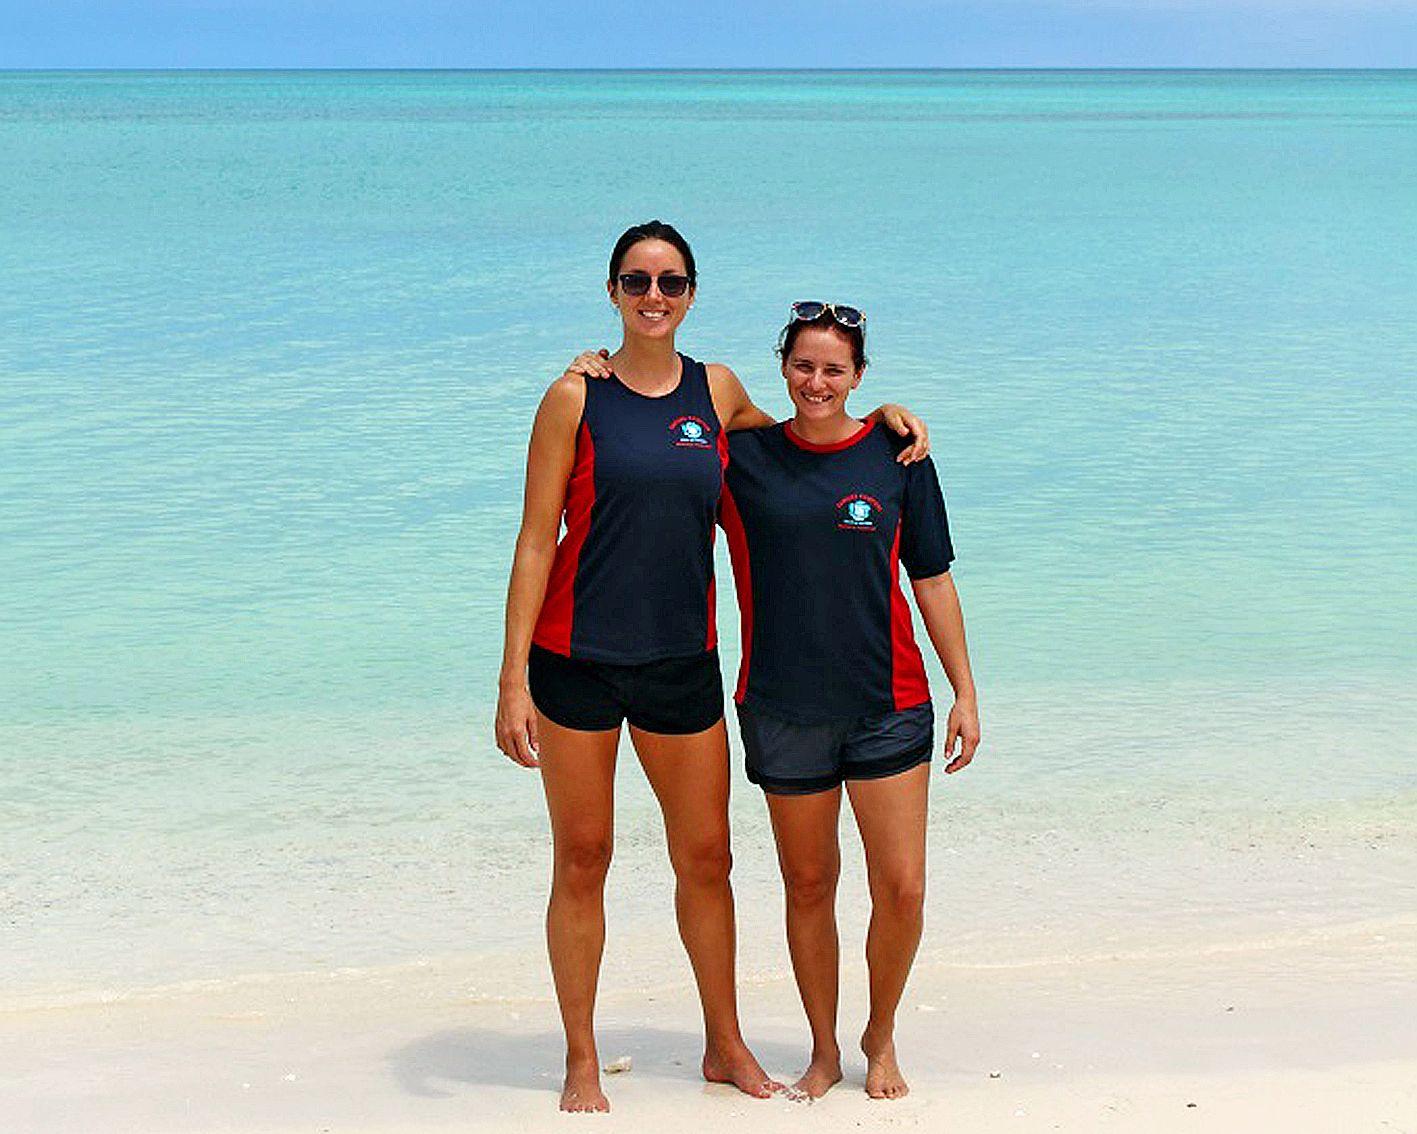 Pour Léa et pour Carole, pompiers à Nouméa, il y a encore du chemin à parcourir pour que les femmes soient considérées égales aux hommes au sein des casernes. Ouvéa, par exemple, ne compte qu\'une seule femme parmi les 18 pompiers. Elle est auxiliaire de